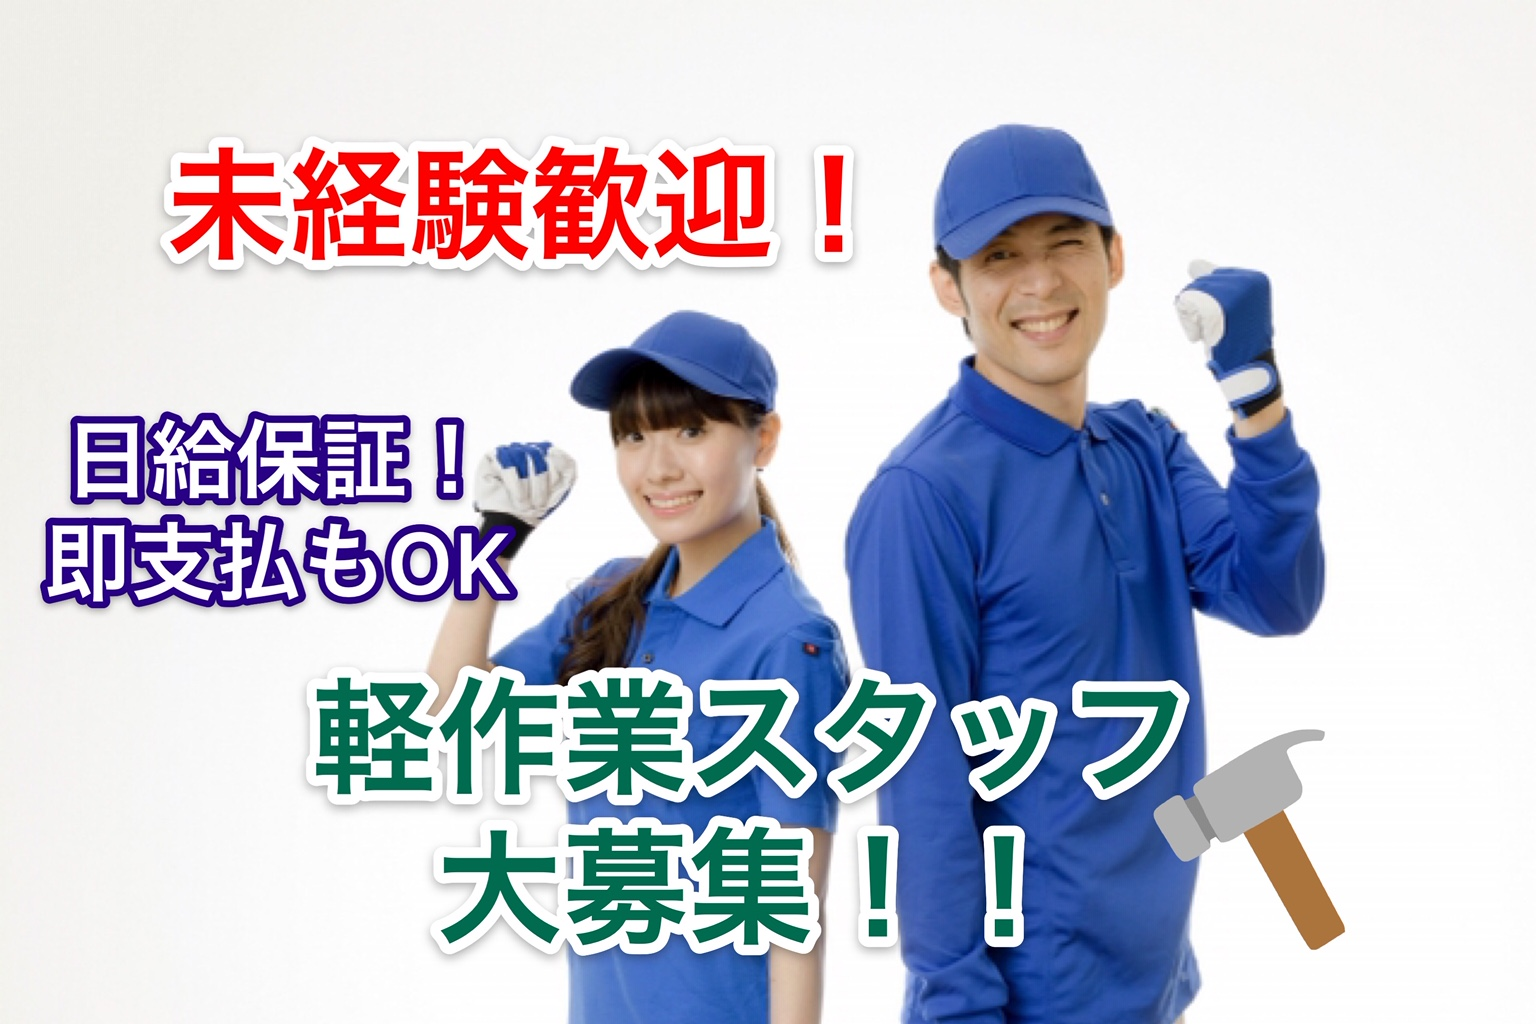 ◇週5日勤務・軽作業経験者歓迎!◇